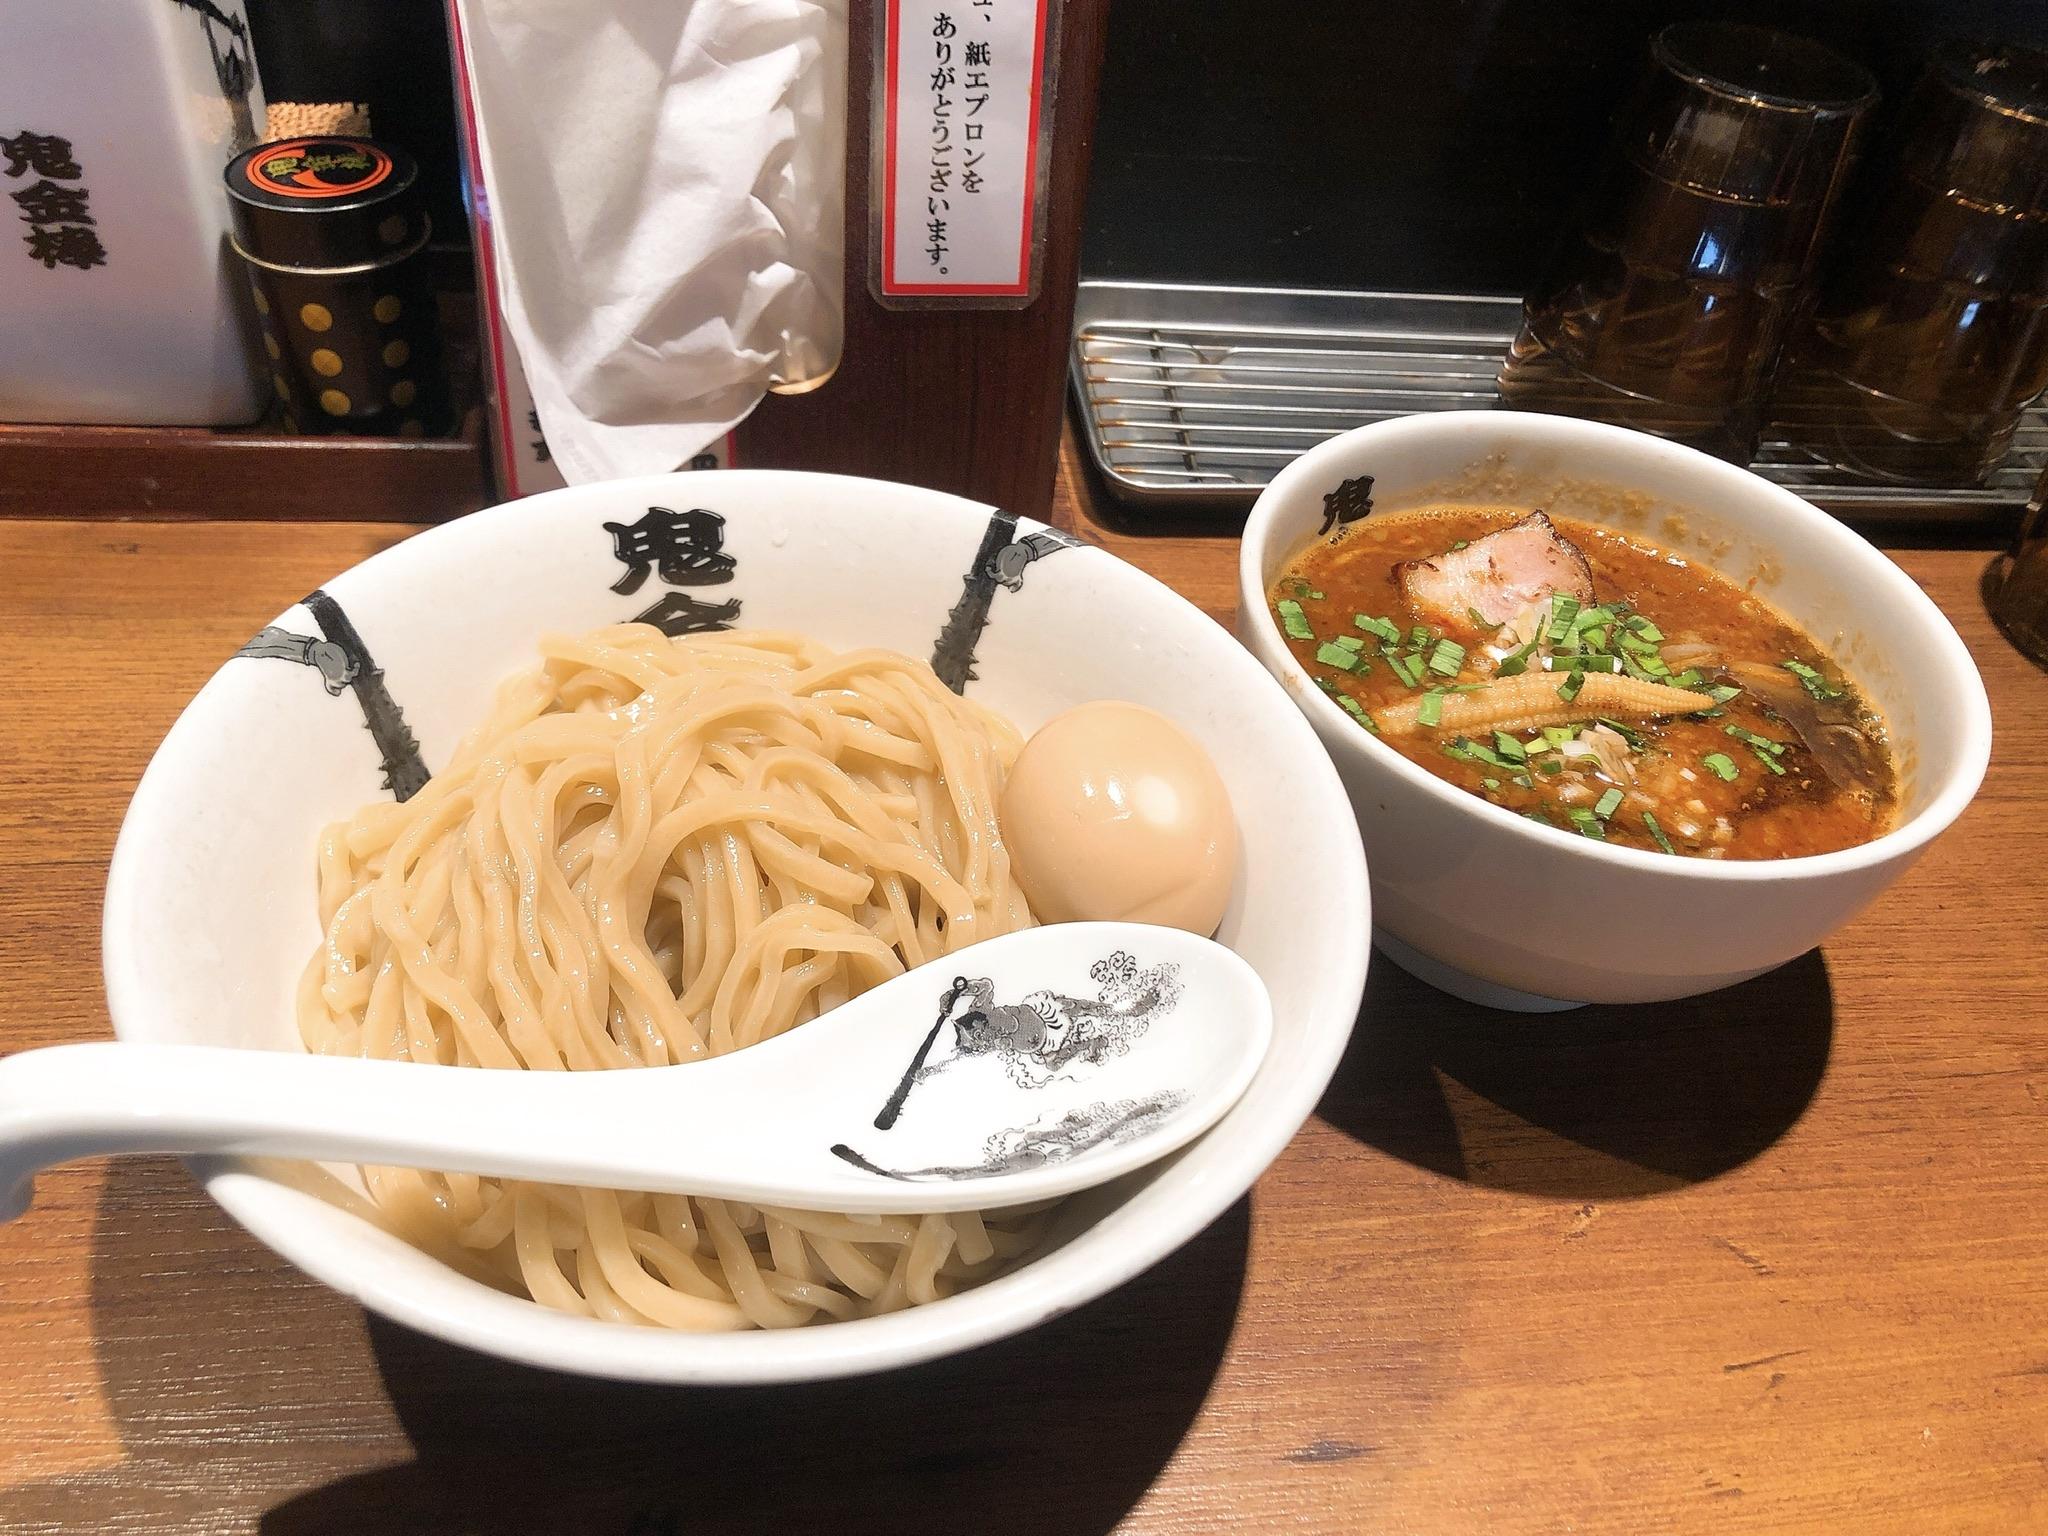 鬼金棒のつけ麺